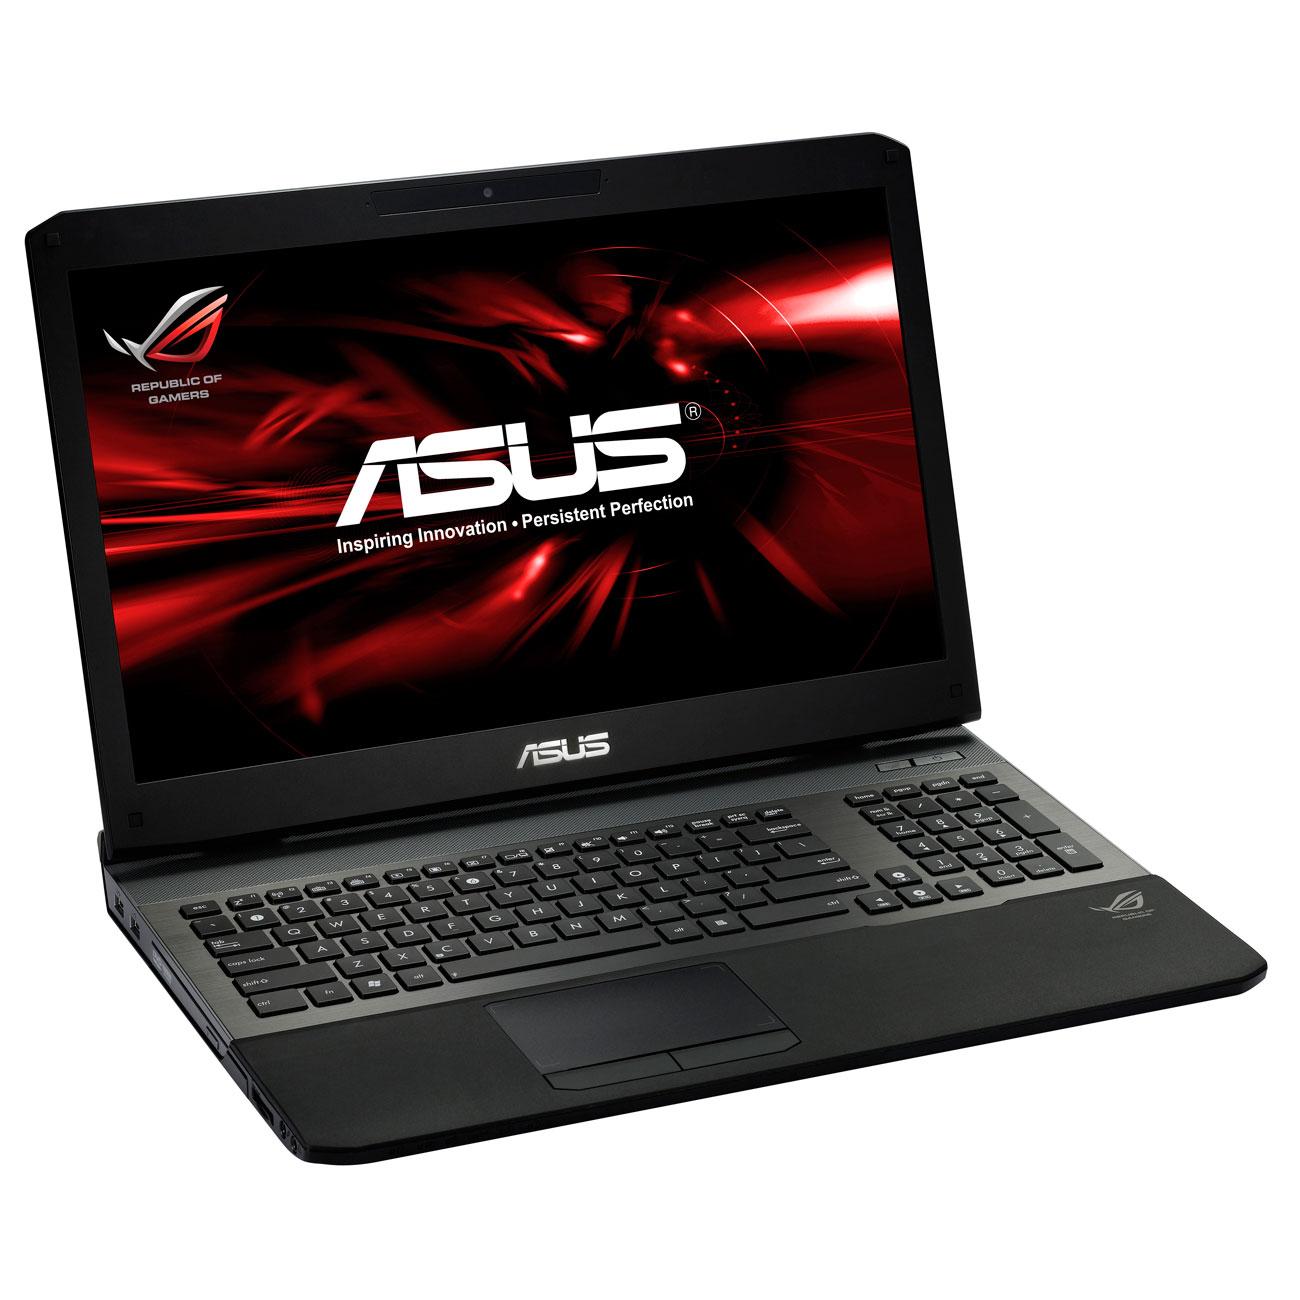 """PC portable ASUS G75VW-T1329V Intel Core i7-3610QM 8 Go SSD 256 Go + HDD 750 Go 17.3"""" LED NVIDIA GeForce GTX 670M Graveur DVD Wi-Fi N/BT Webcam Windows 7 Premium 64 bits (garantie constructeur 2 ans)"""